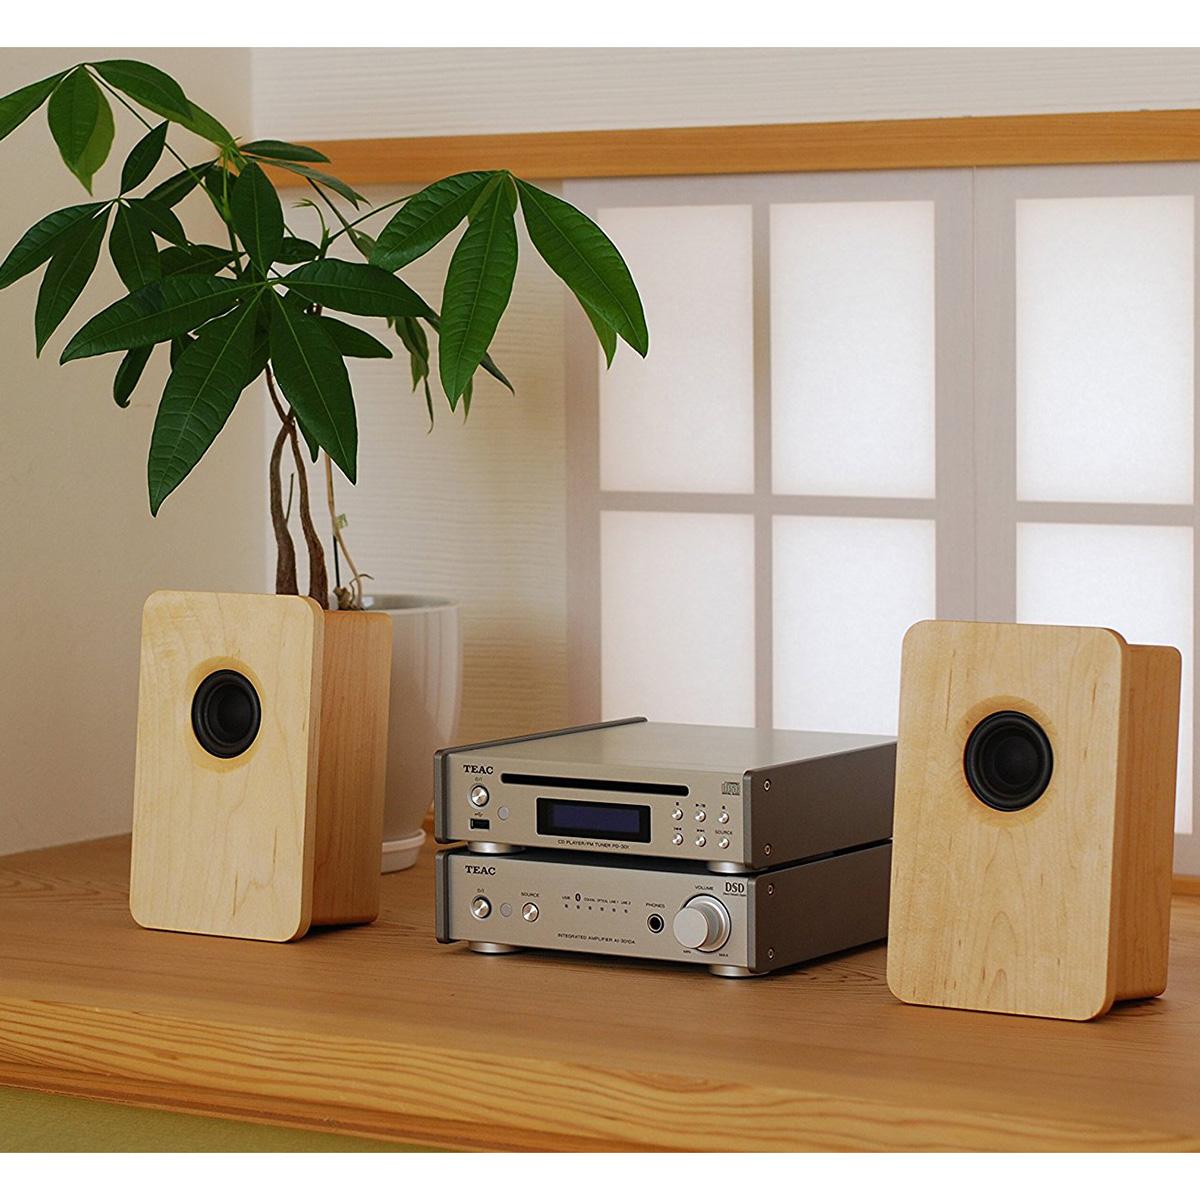 宗七音響 model 216 デスクトップパッシブスピーカー(メープル)+TEAC製アンプ(AI-301DA-SP-S・シルバー)+TEAC製ワイドFMチューナー搭載CDプレーヤー(PD-301-S・シルバー)セット